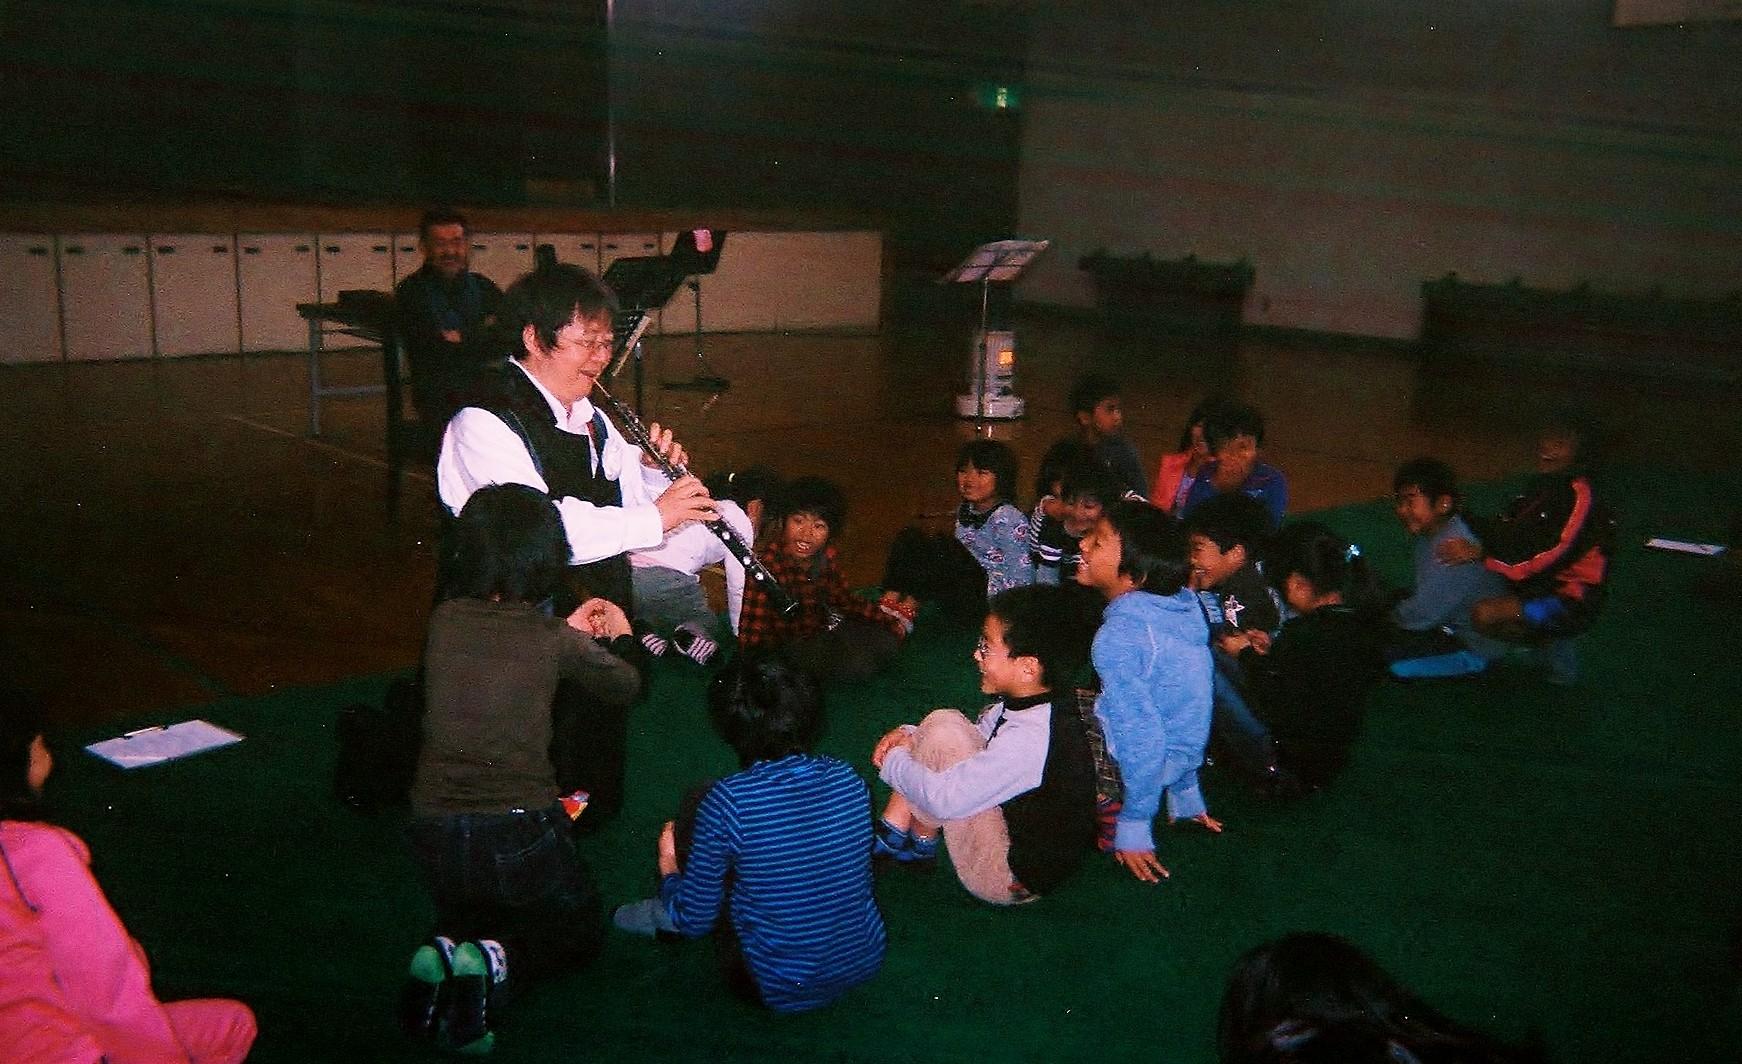 広島県竹原市忠海東小学校、日本音楽家ユニオン主催あすなろコンサート